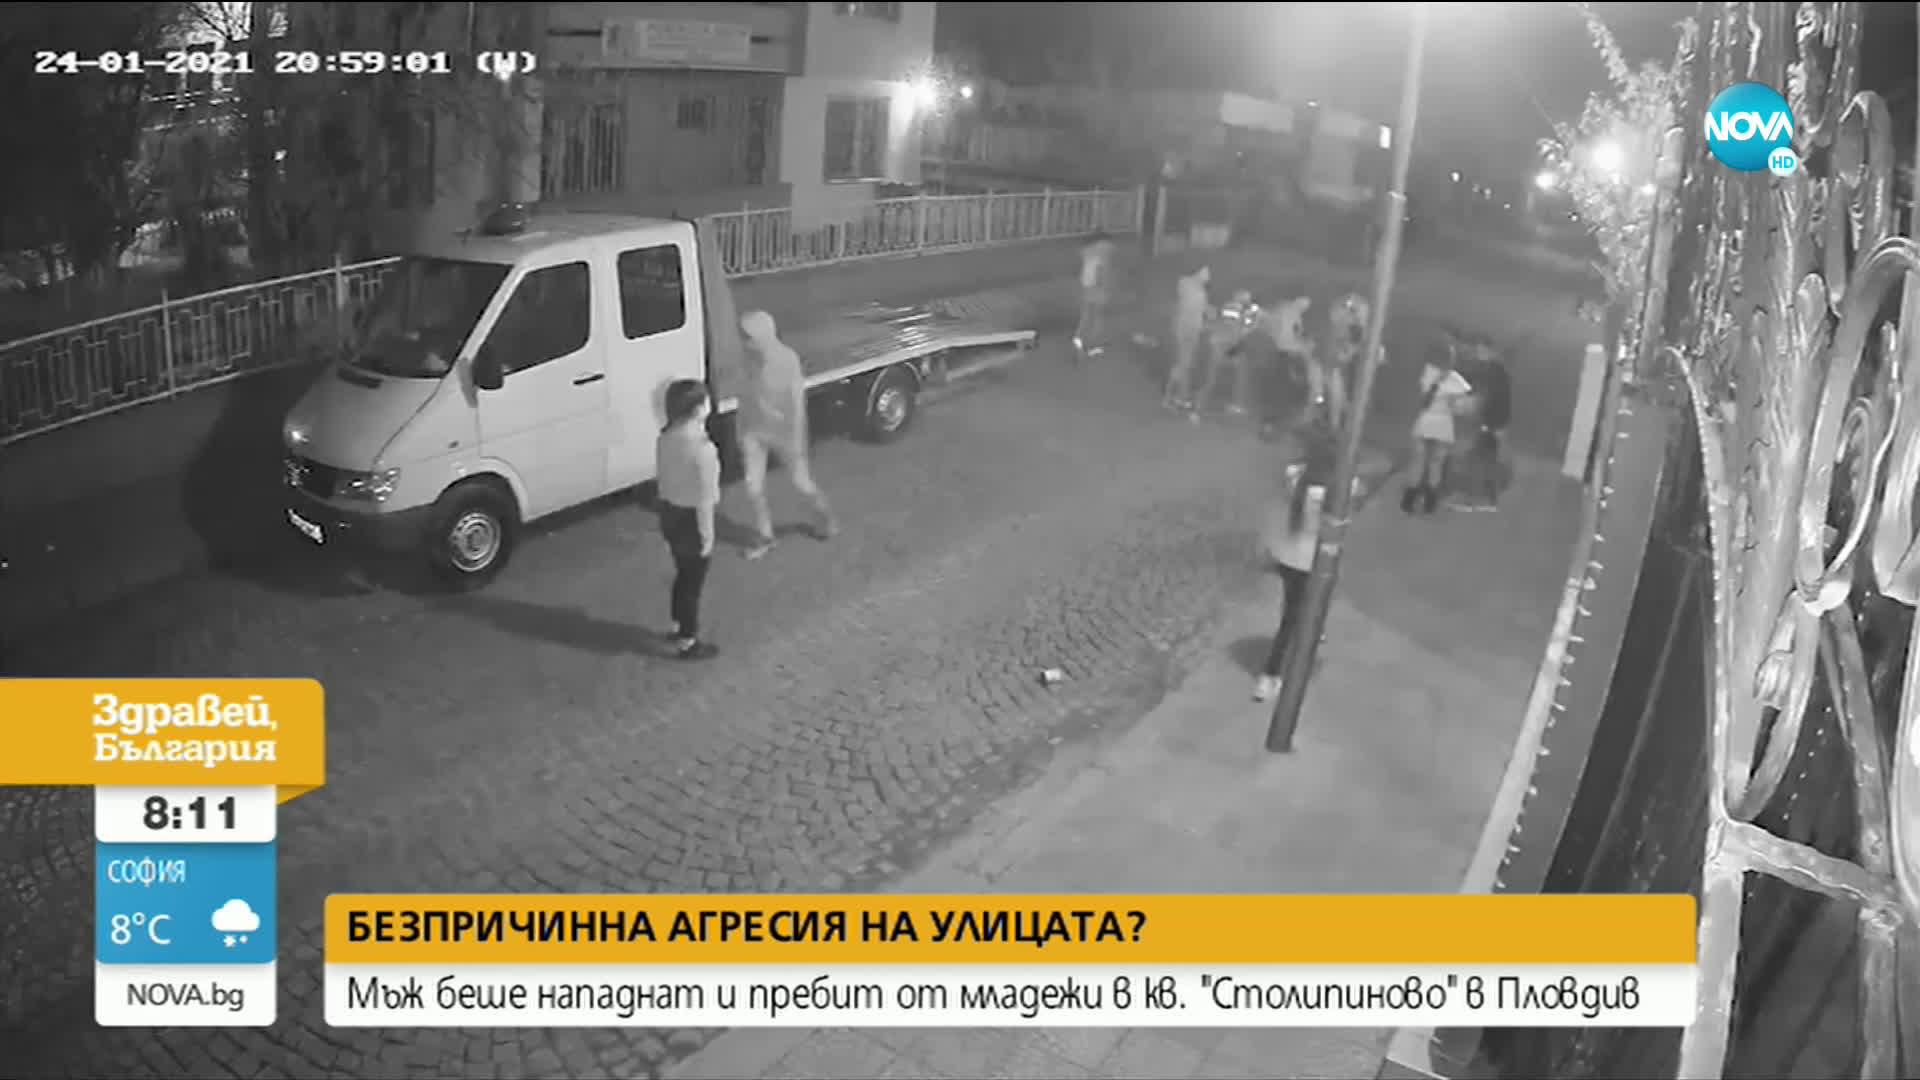 БРУТАЛНА АГРЕСИЯ: Група младежи пребиха мъж в Пловдив